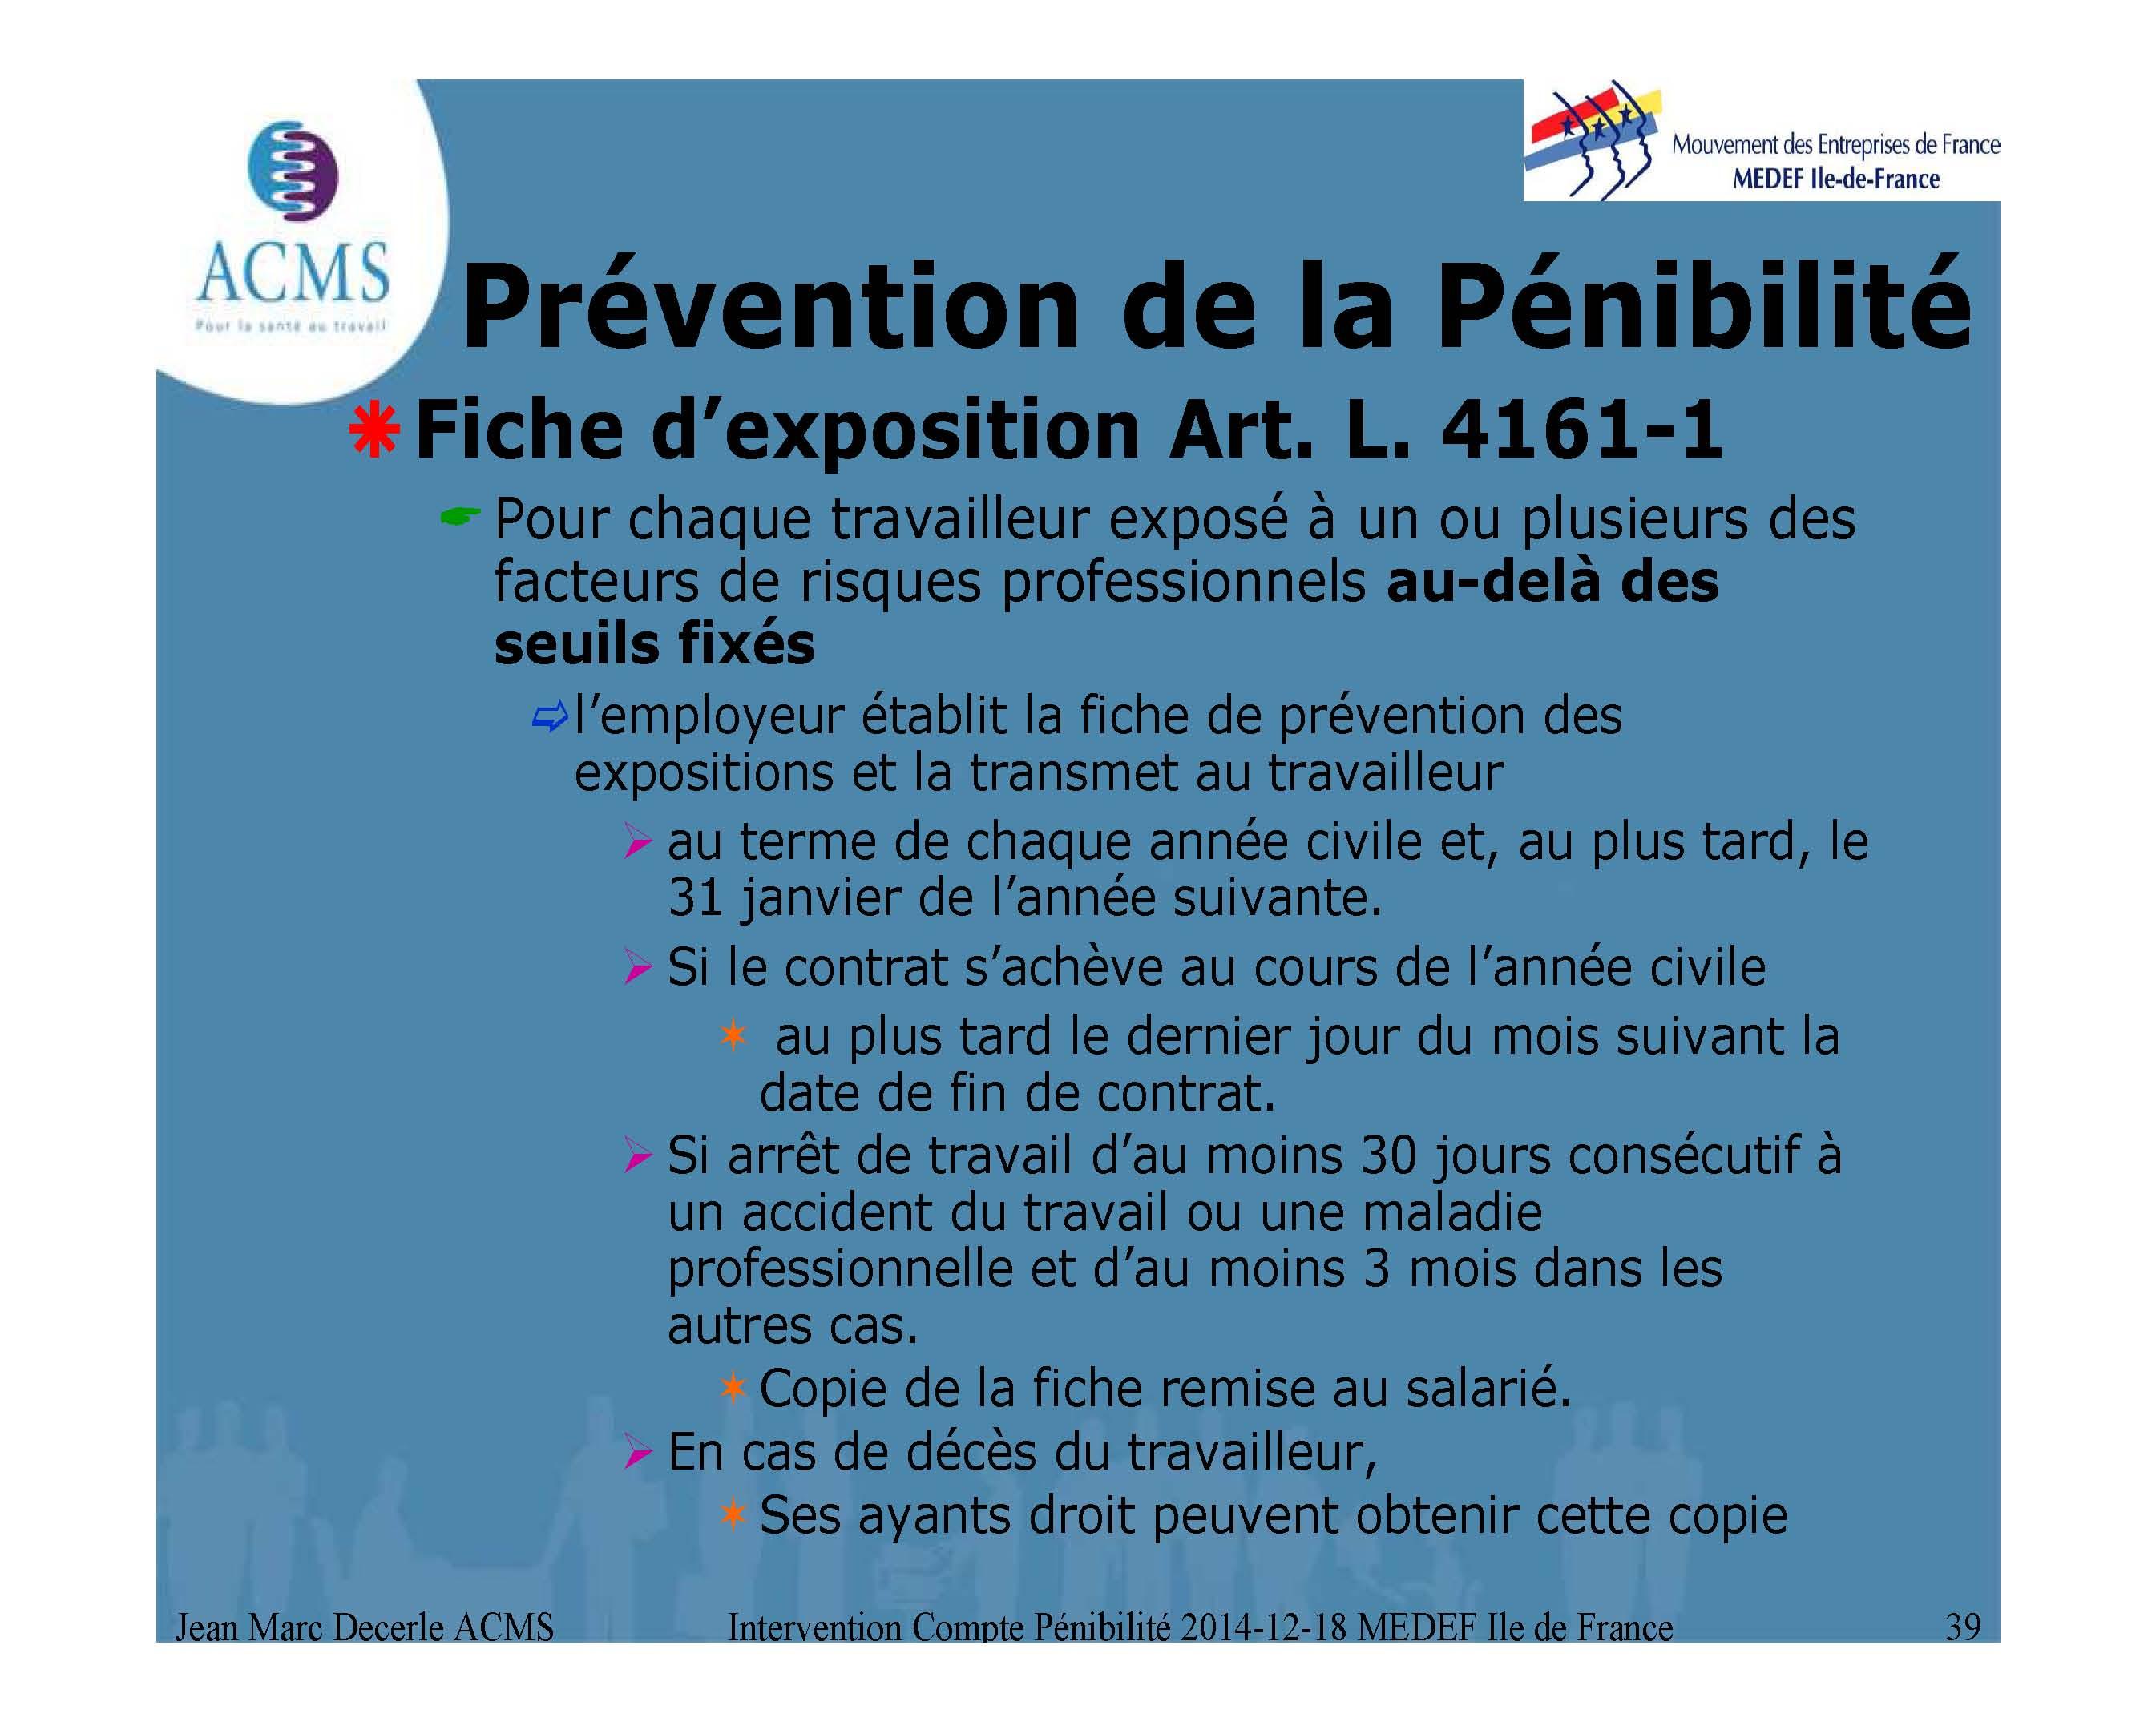 2014-12-18 Compte Pénibilite MEDEF Ile de France_Page_39